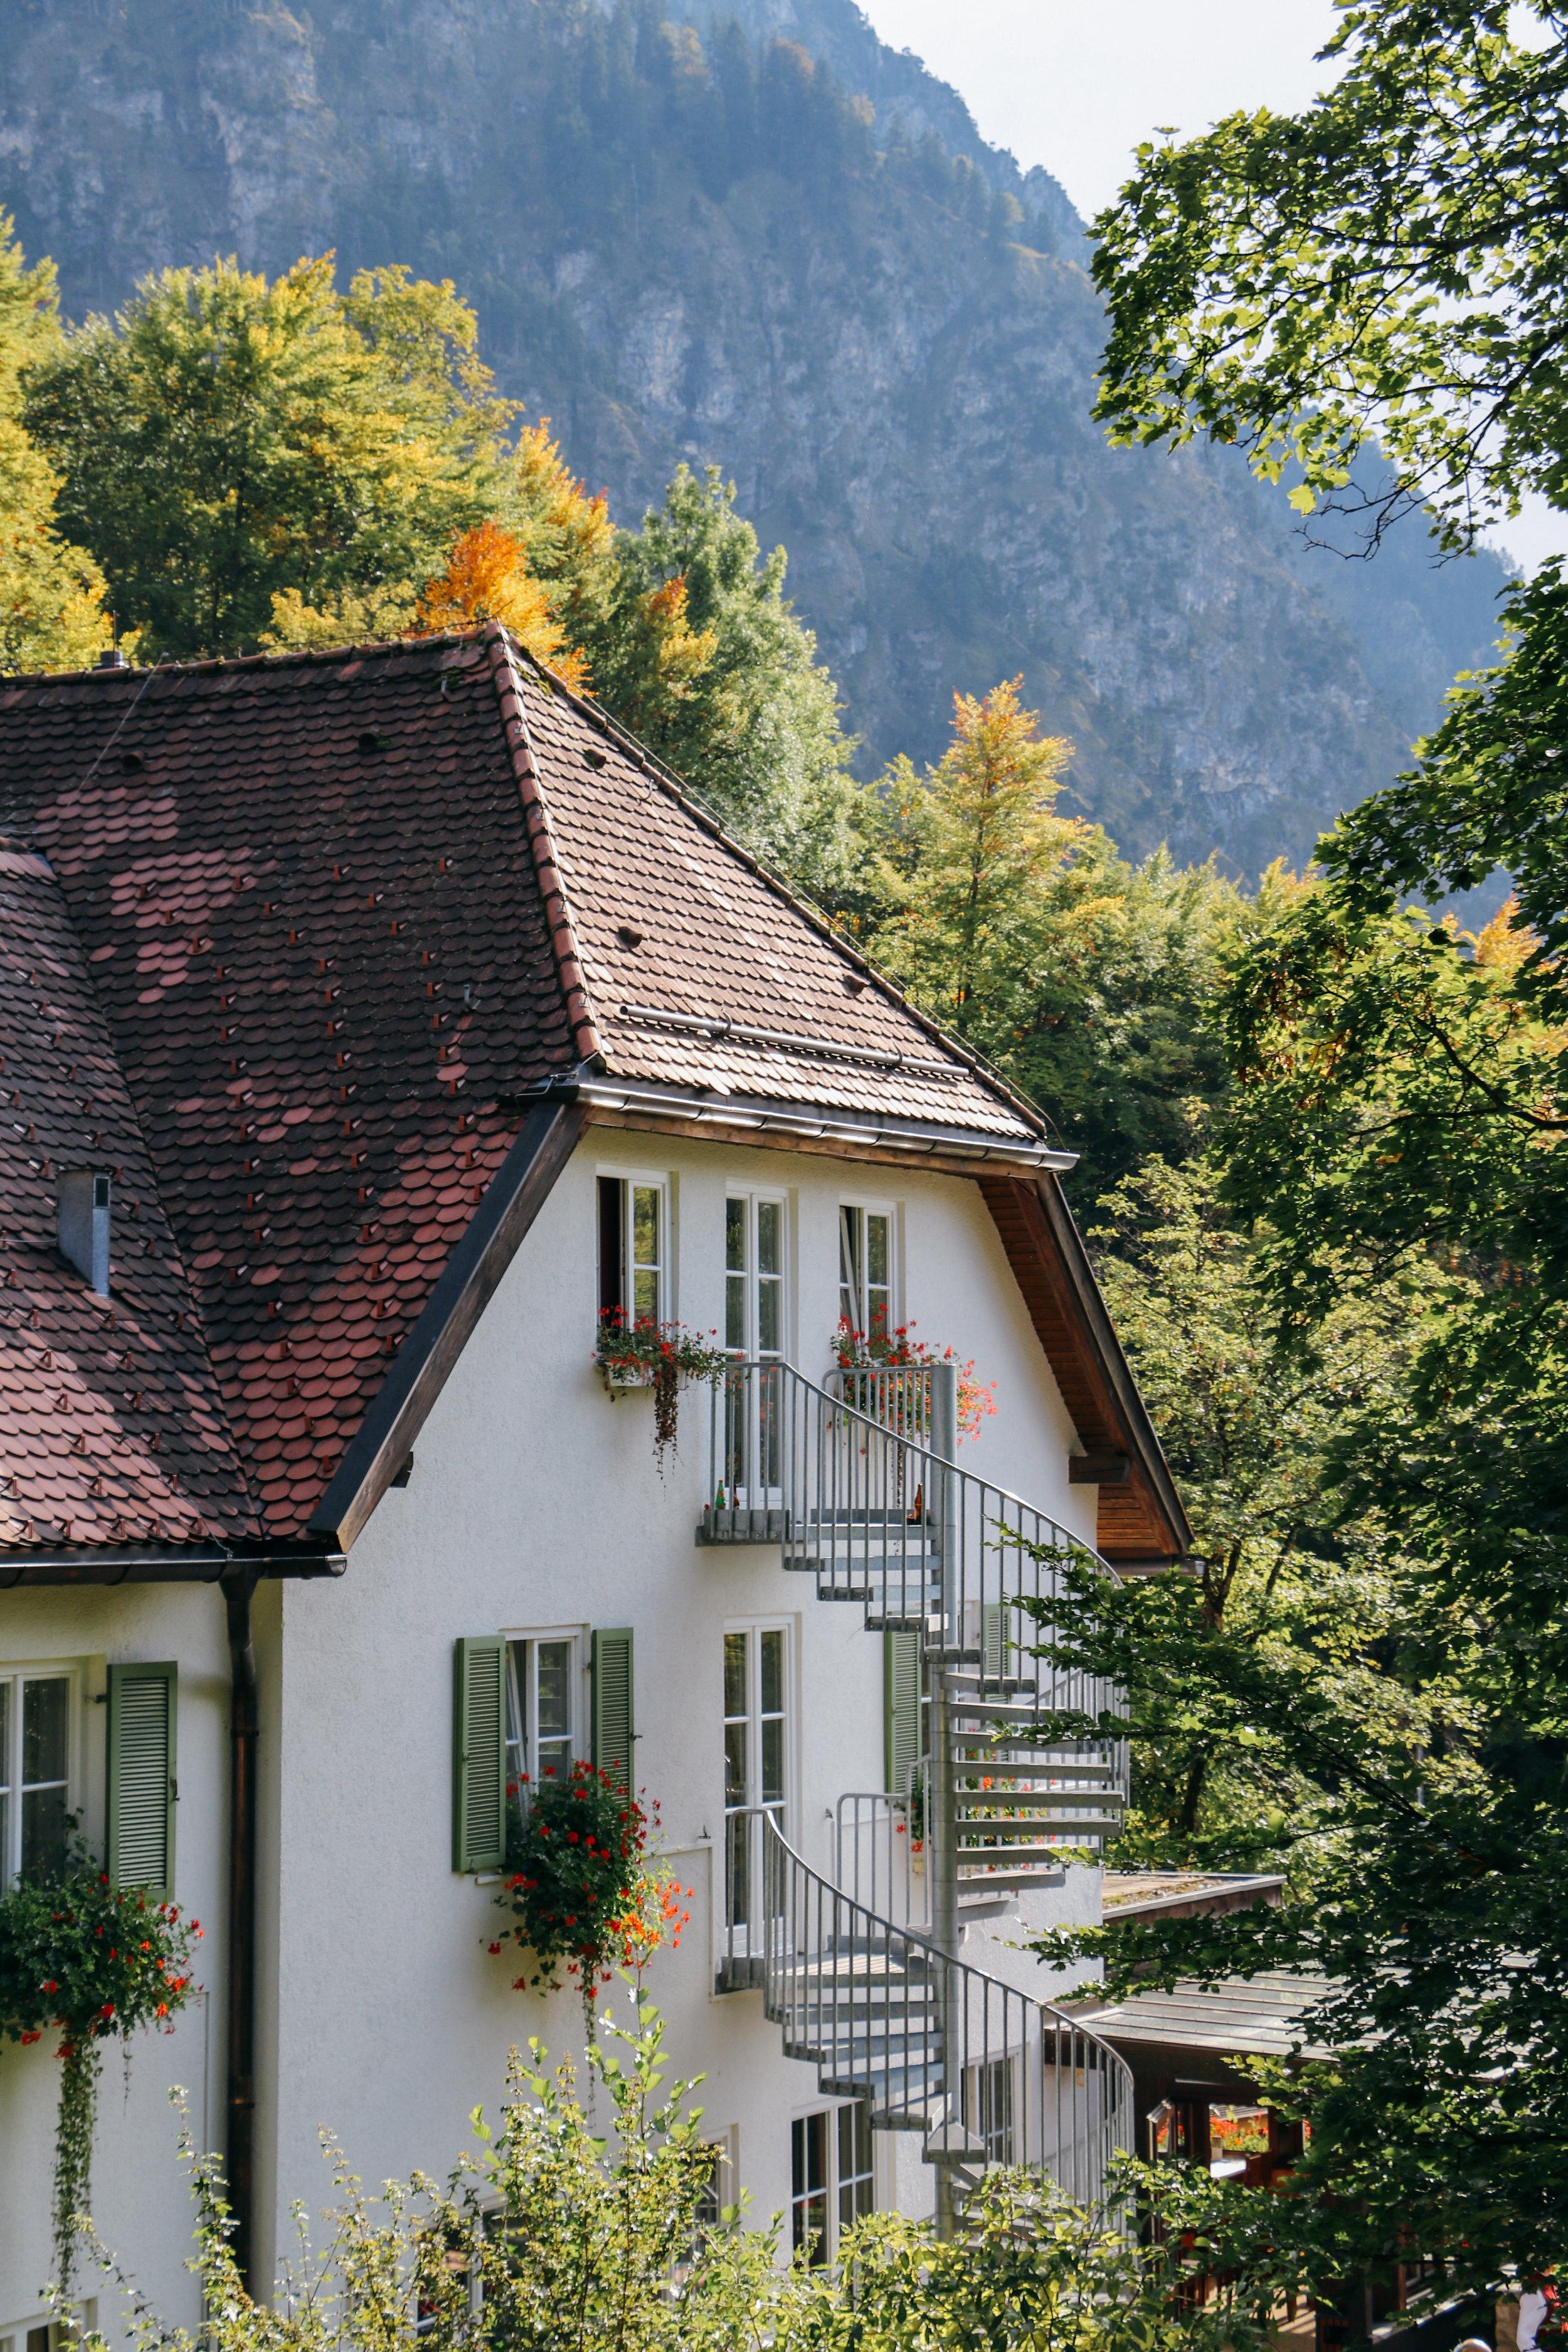 My Tapestry Heart - Neuschwanstein Castle